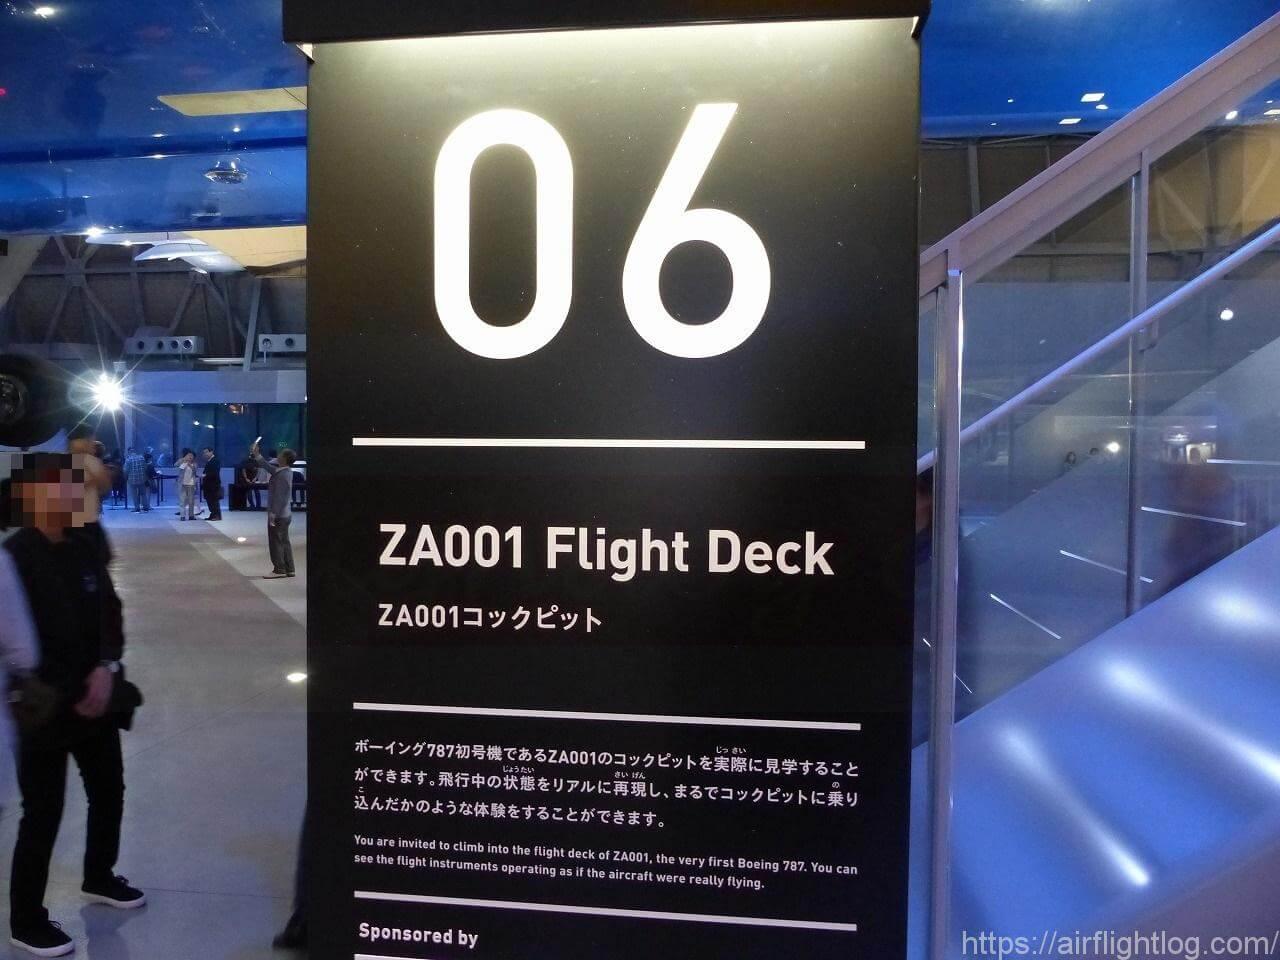 「FLIGHT OF DREAMS(フライト・オブ・ドリームズ)」ボーイング787初号機案内板